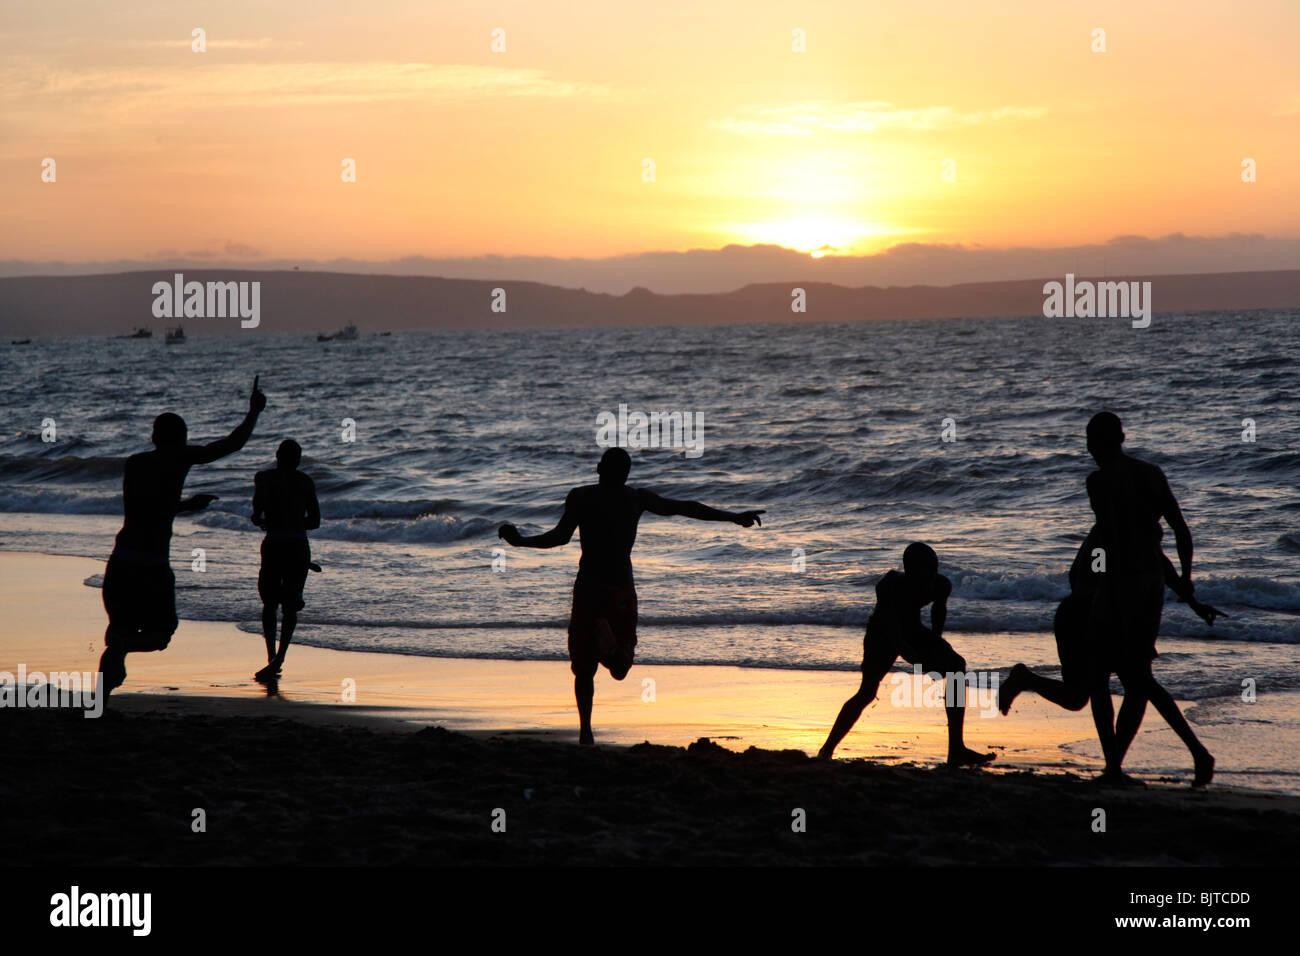 Amis jouant au football sur la plage au coucher du soleil. Plage de la ville de Benguela, en Angola. Afrique © Zute Banque D'Images